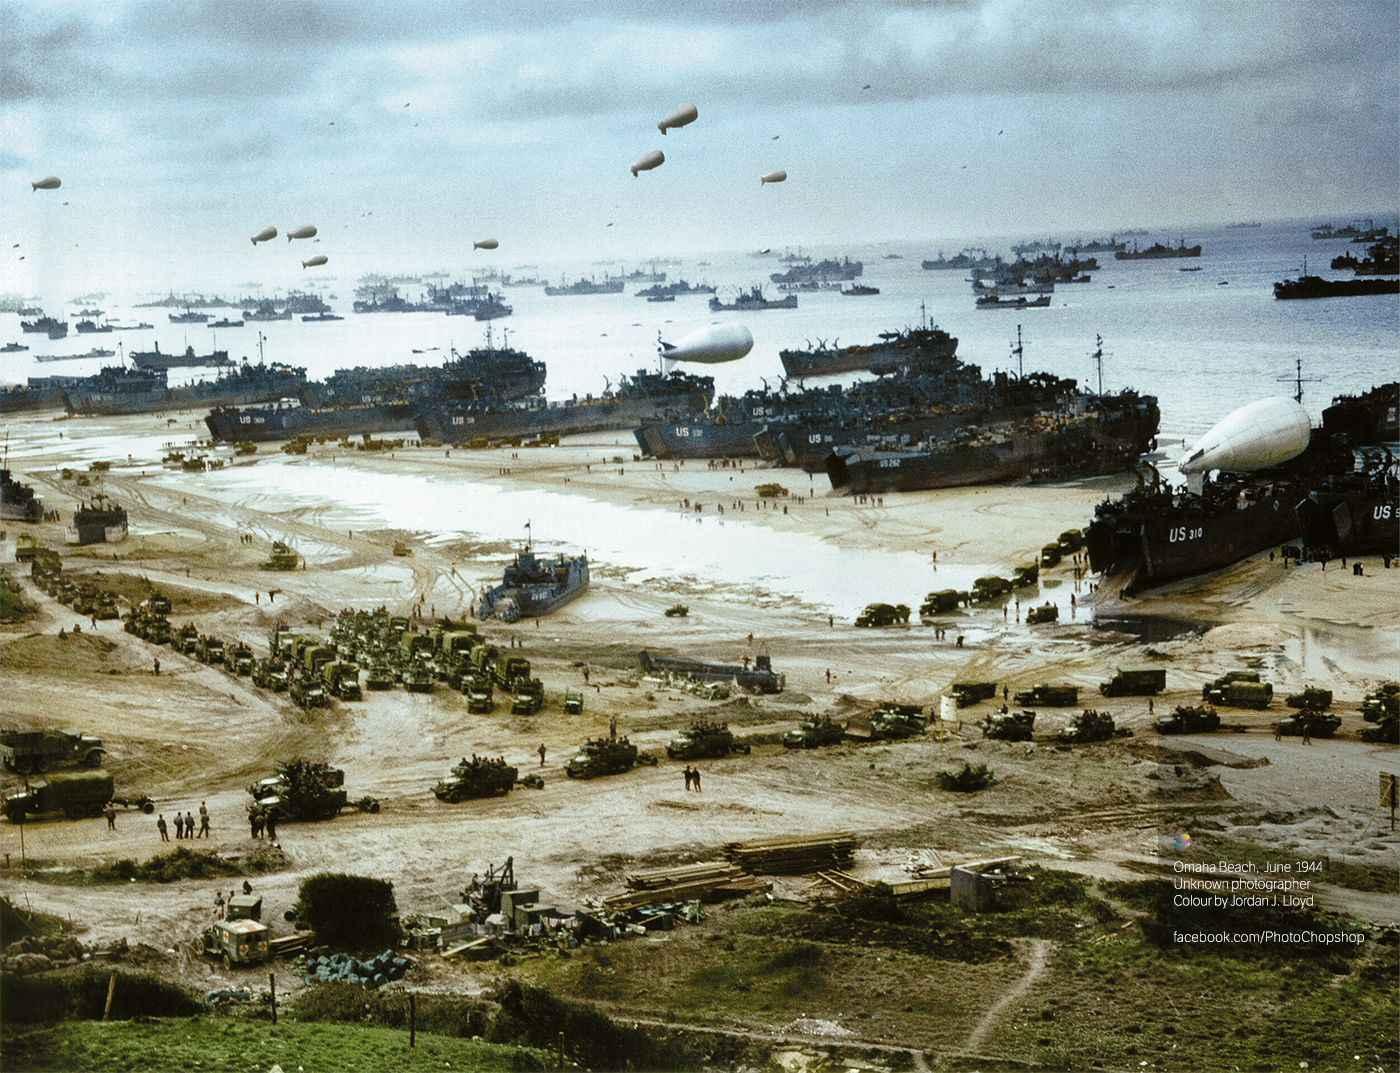 Juin 1944 - Opération Overlord (D-Day - Débarquement de Normandie)